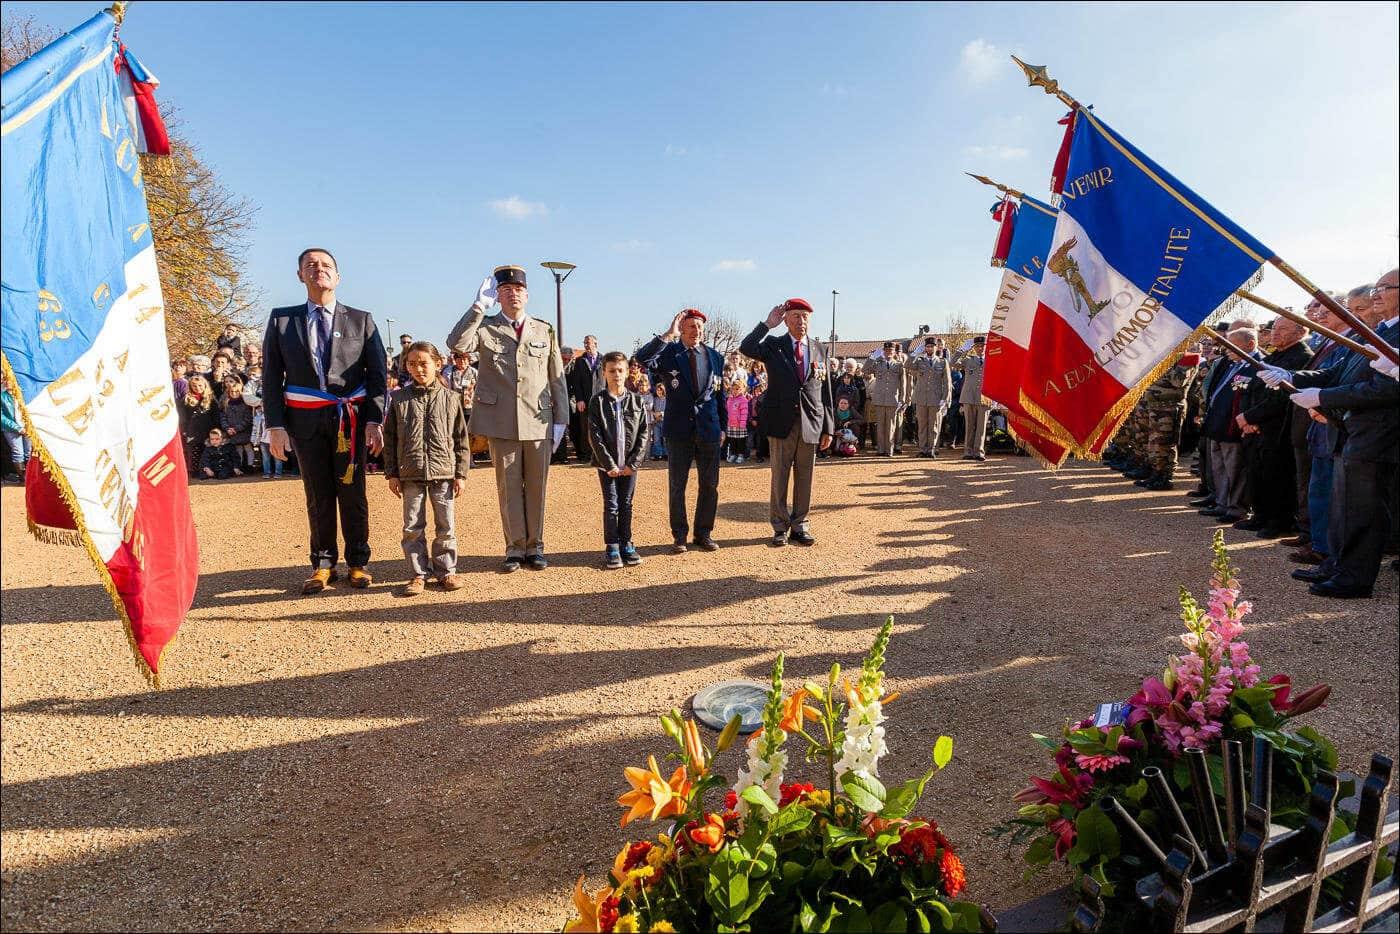 Un groupe composé du maire et de deux enfants, ainsi que d'un militaire et deux anciens combattants saluent lors de la commémoration devant le monument aux morts